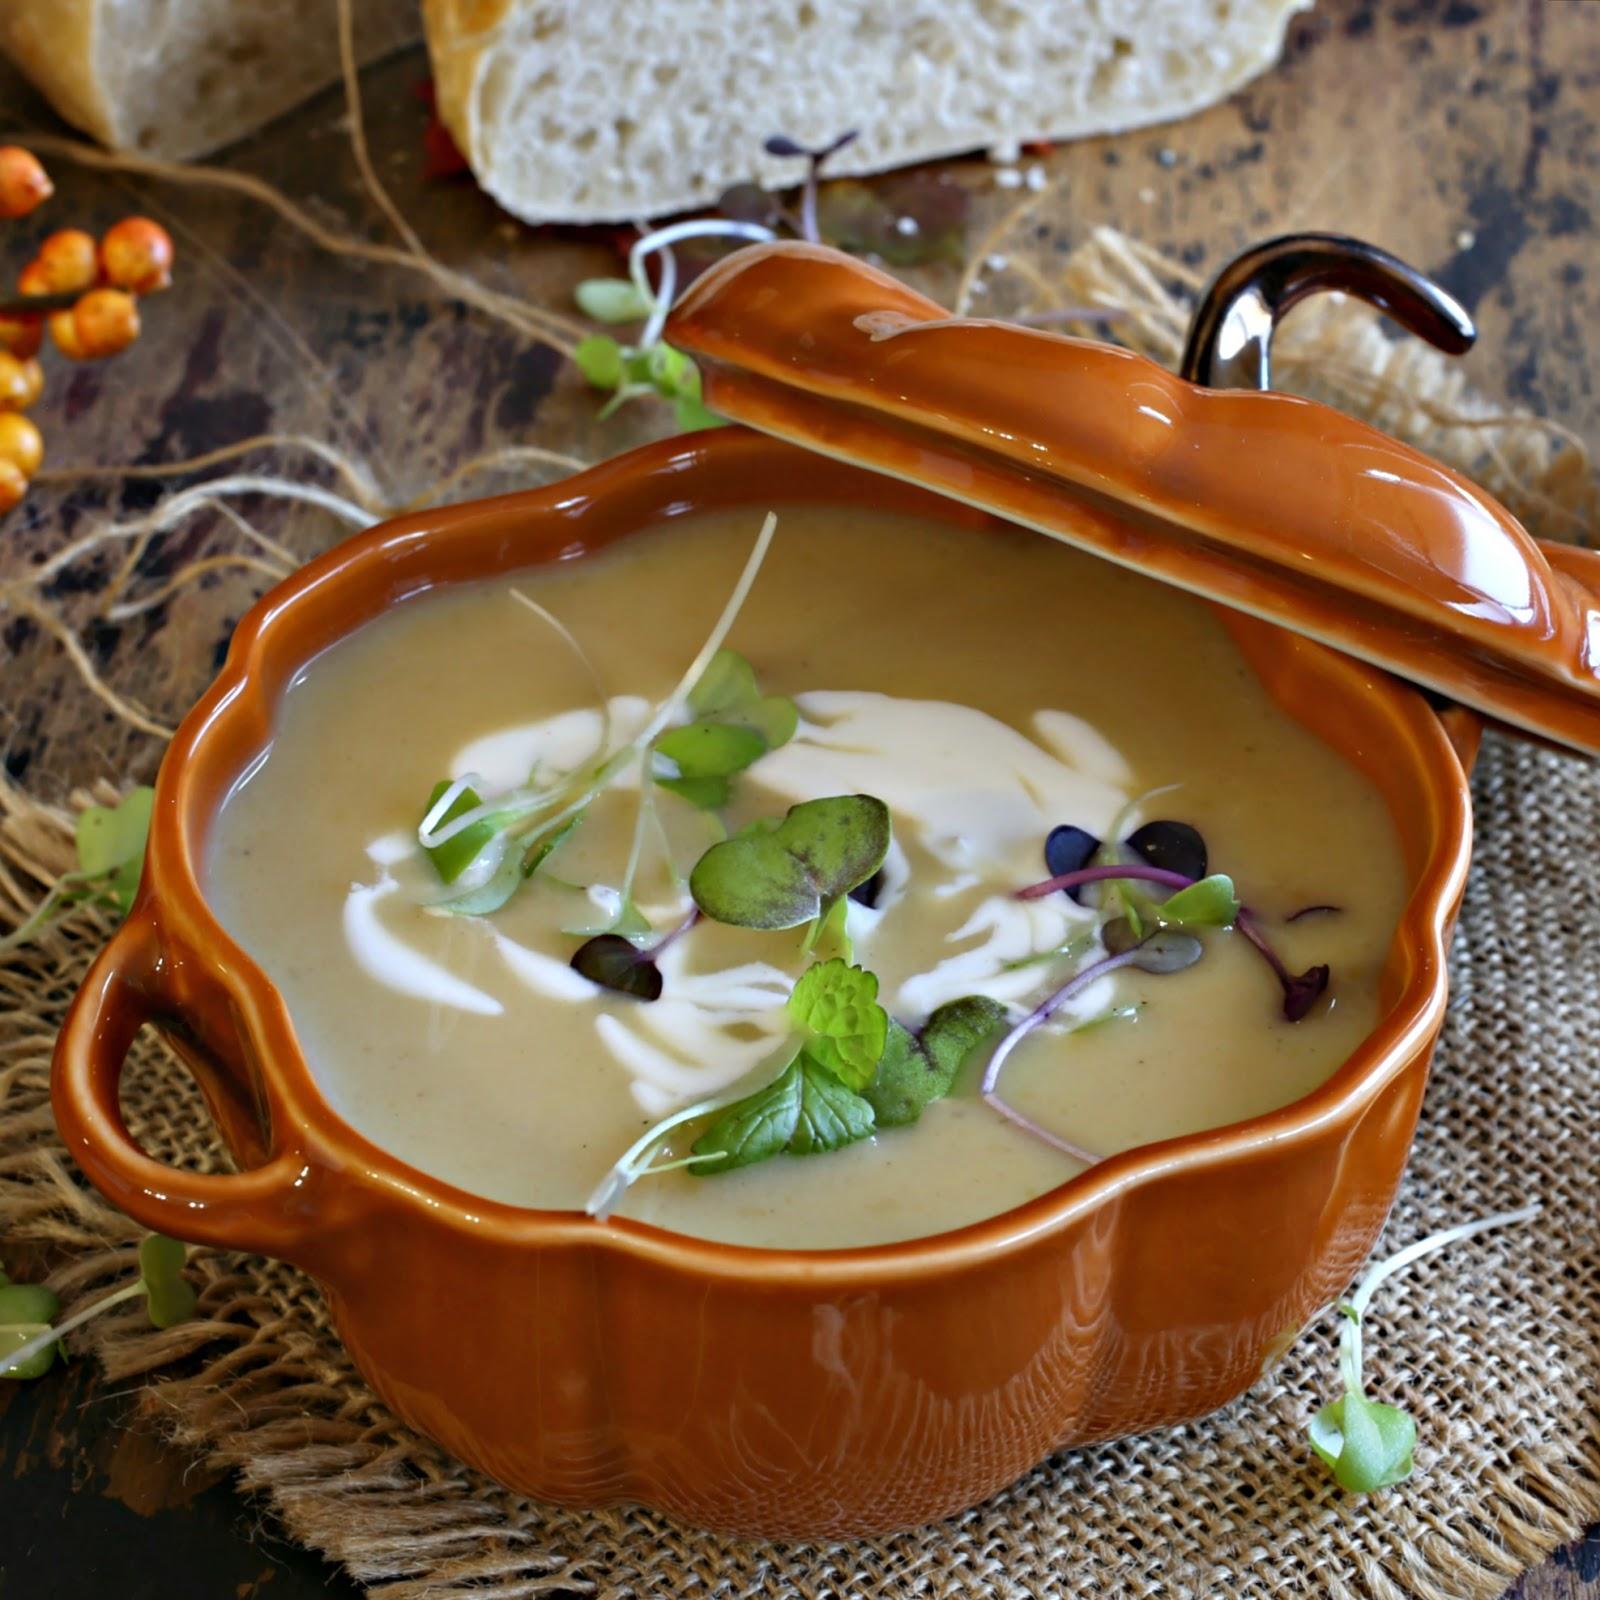 Smoky Cumin Butternut Squash Soup